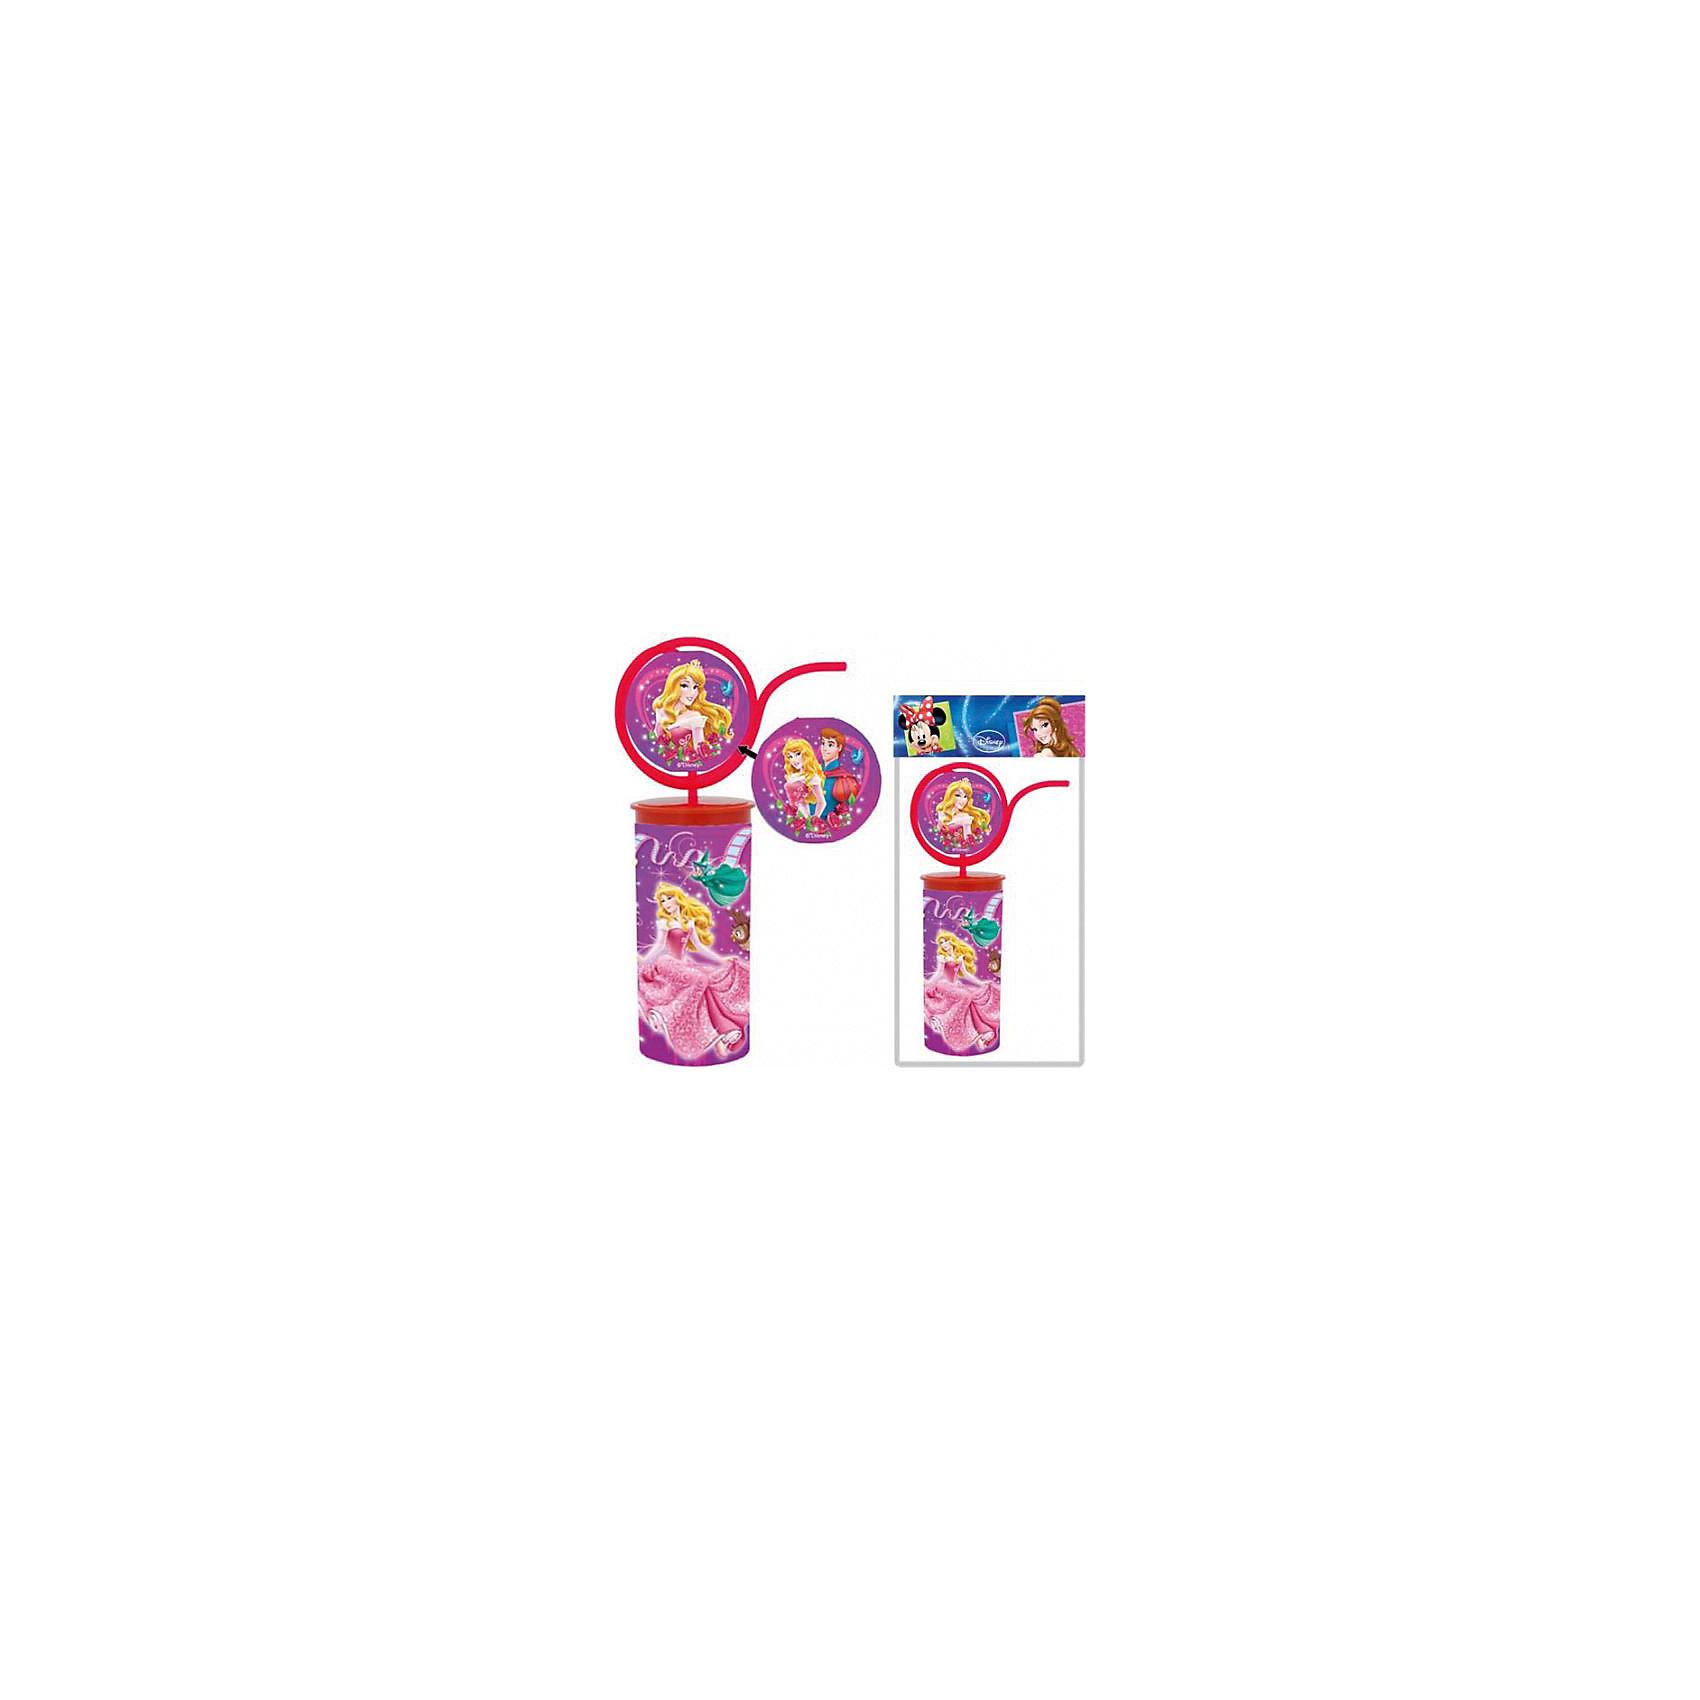 МФК-профит Стакан с 3D дизайном, 330 мл, Disney шарк 330 купить в украике